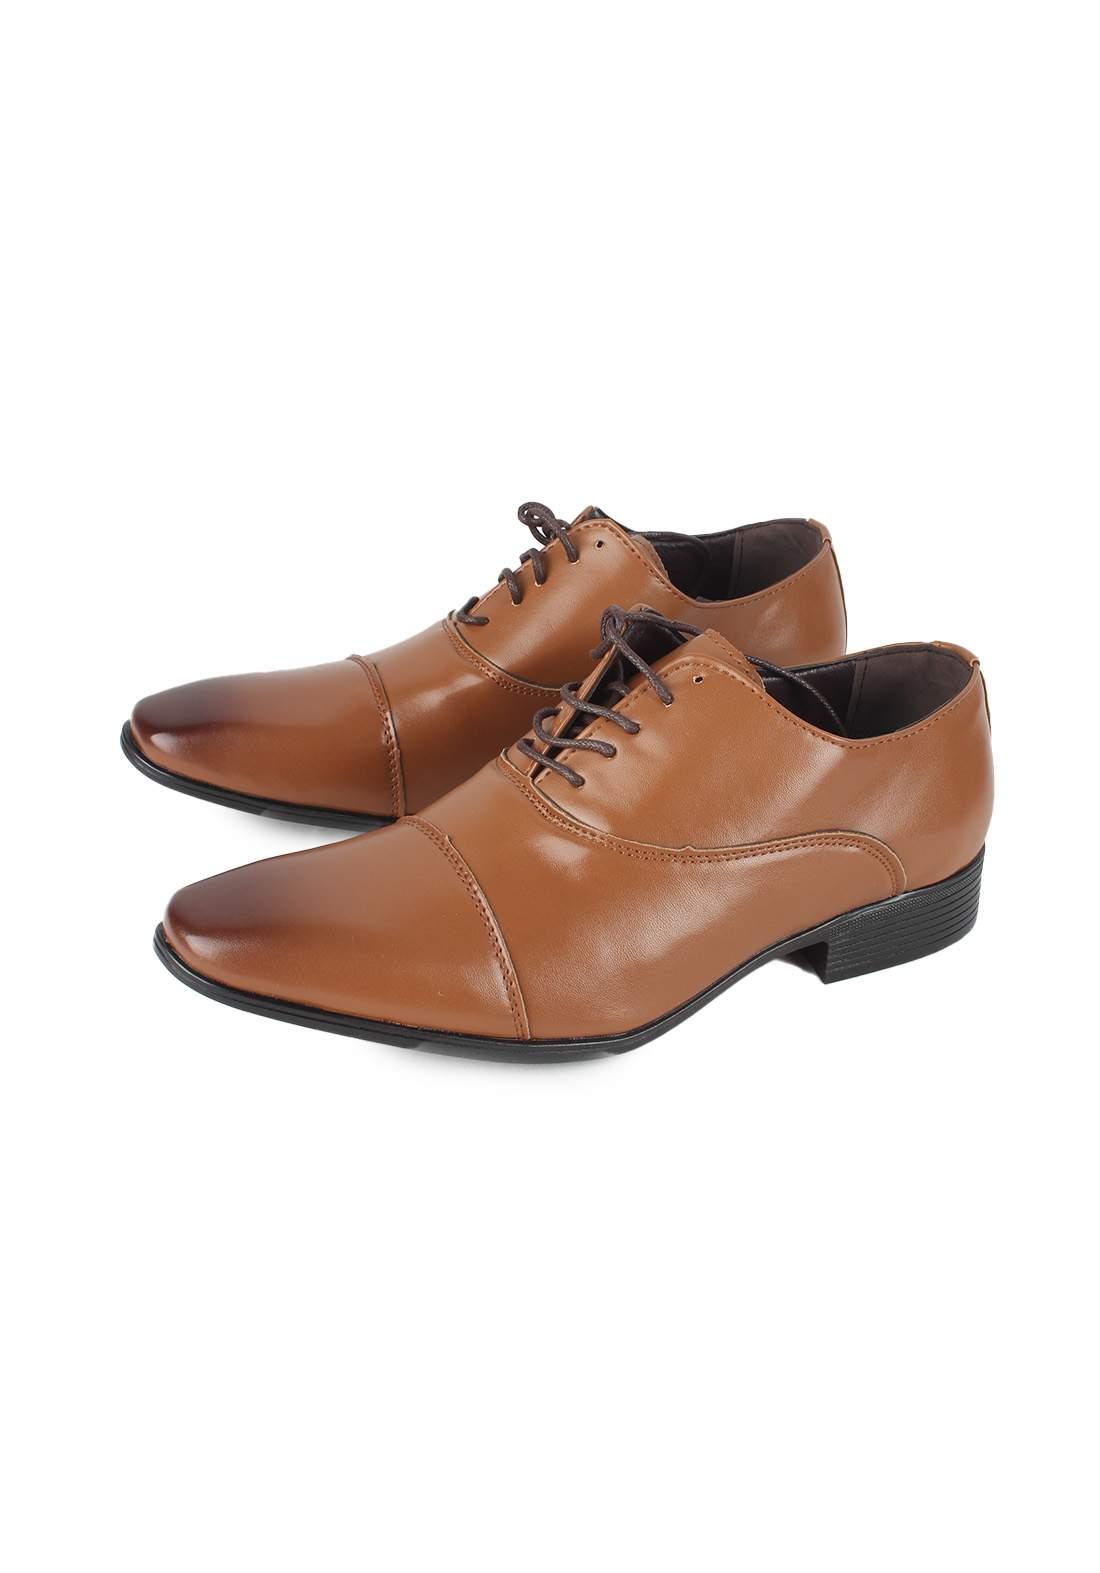 حذاء رجالي بني اللون